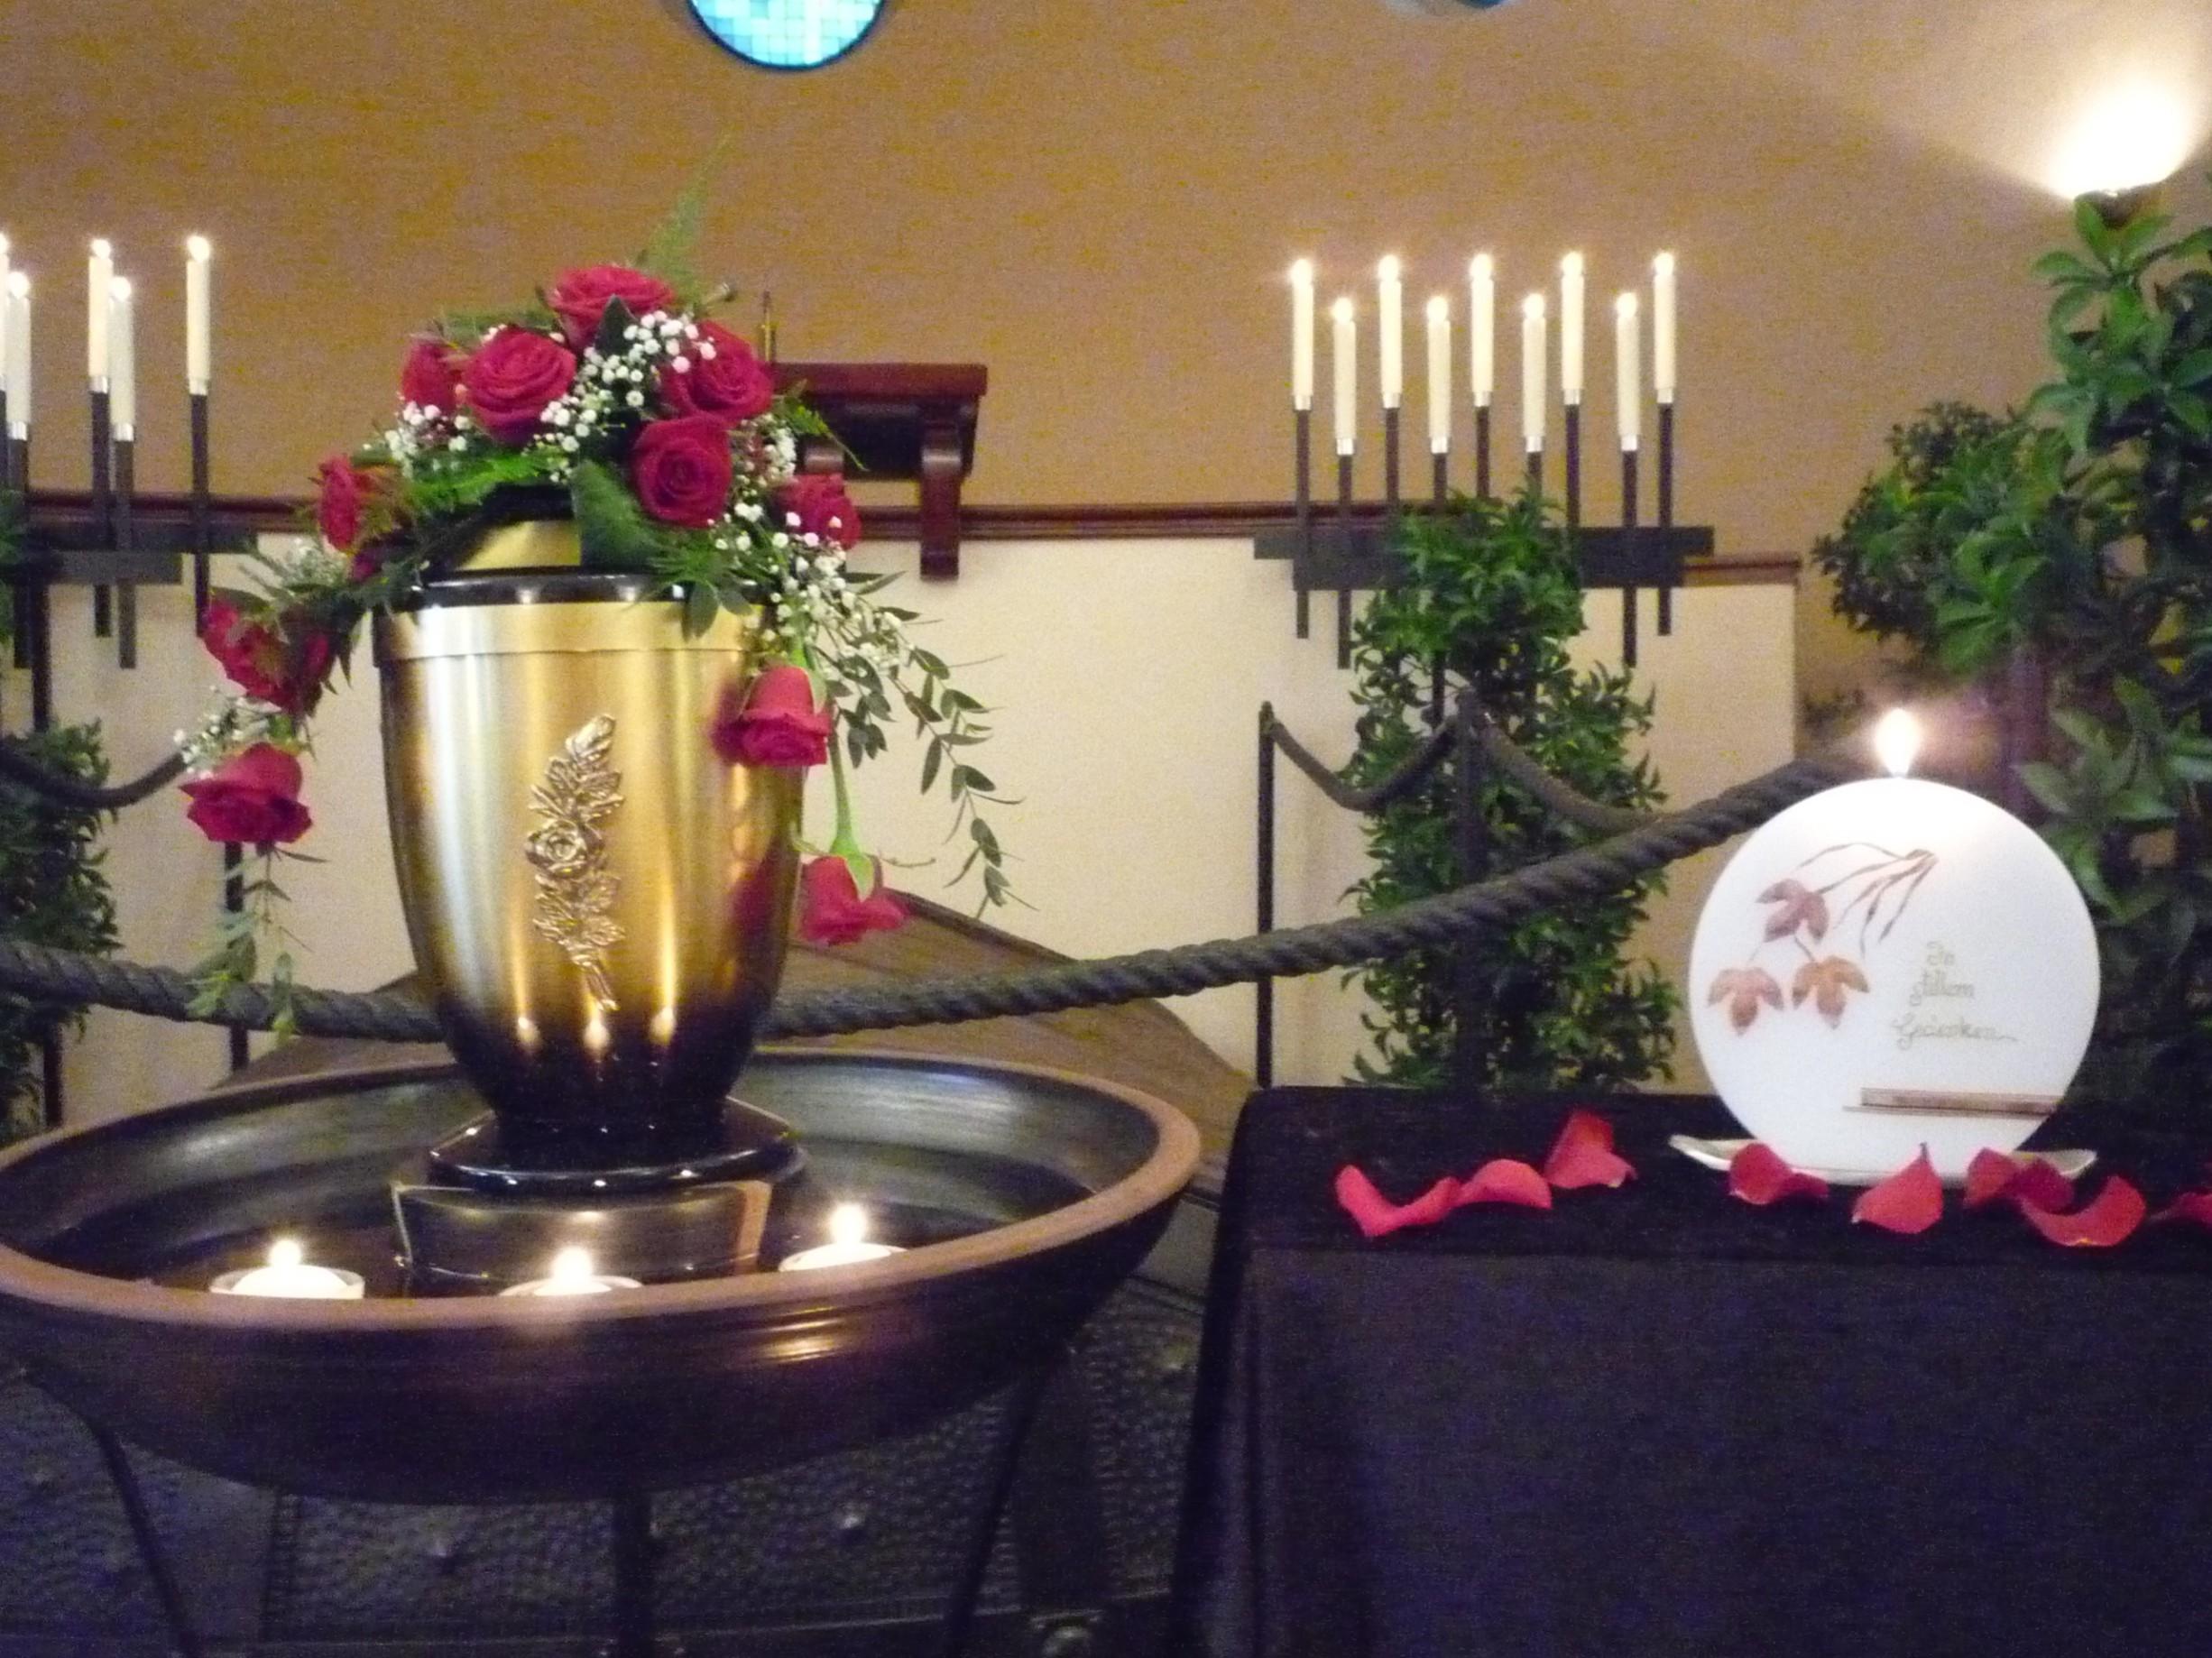 Bestattungswesen Zittau - Urnenfeiern